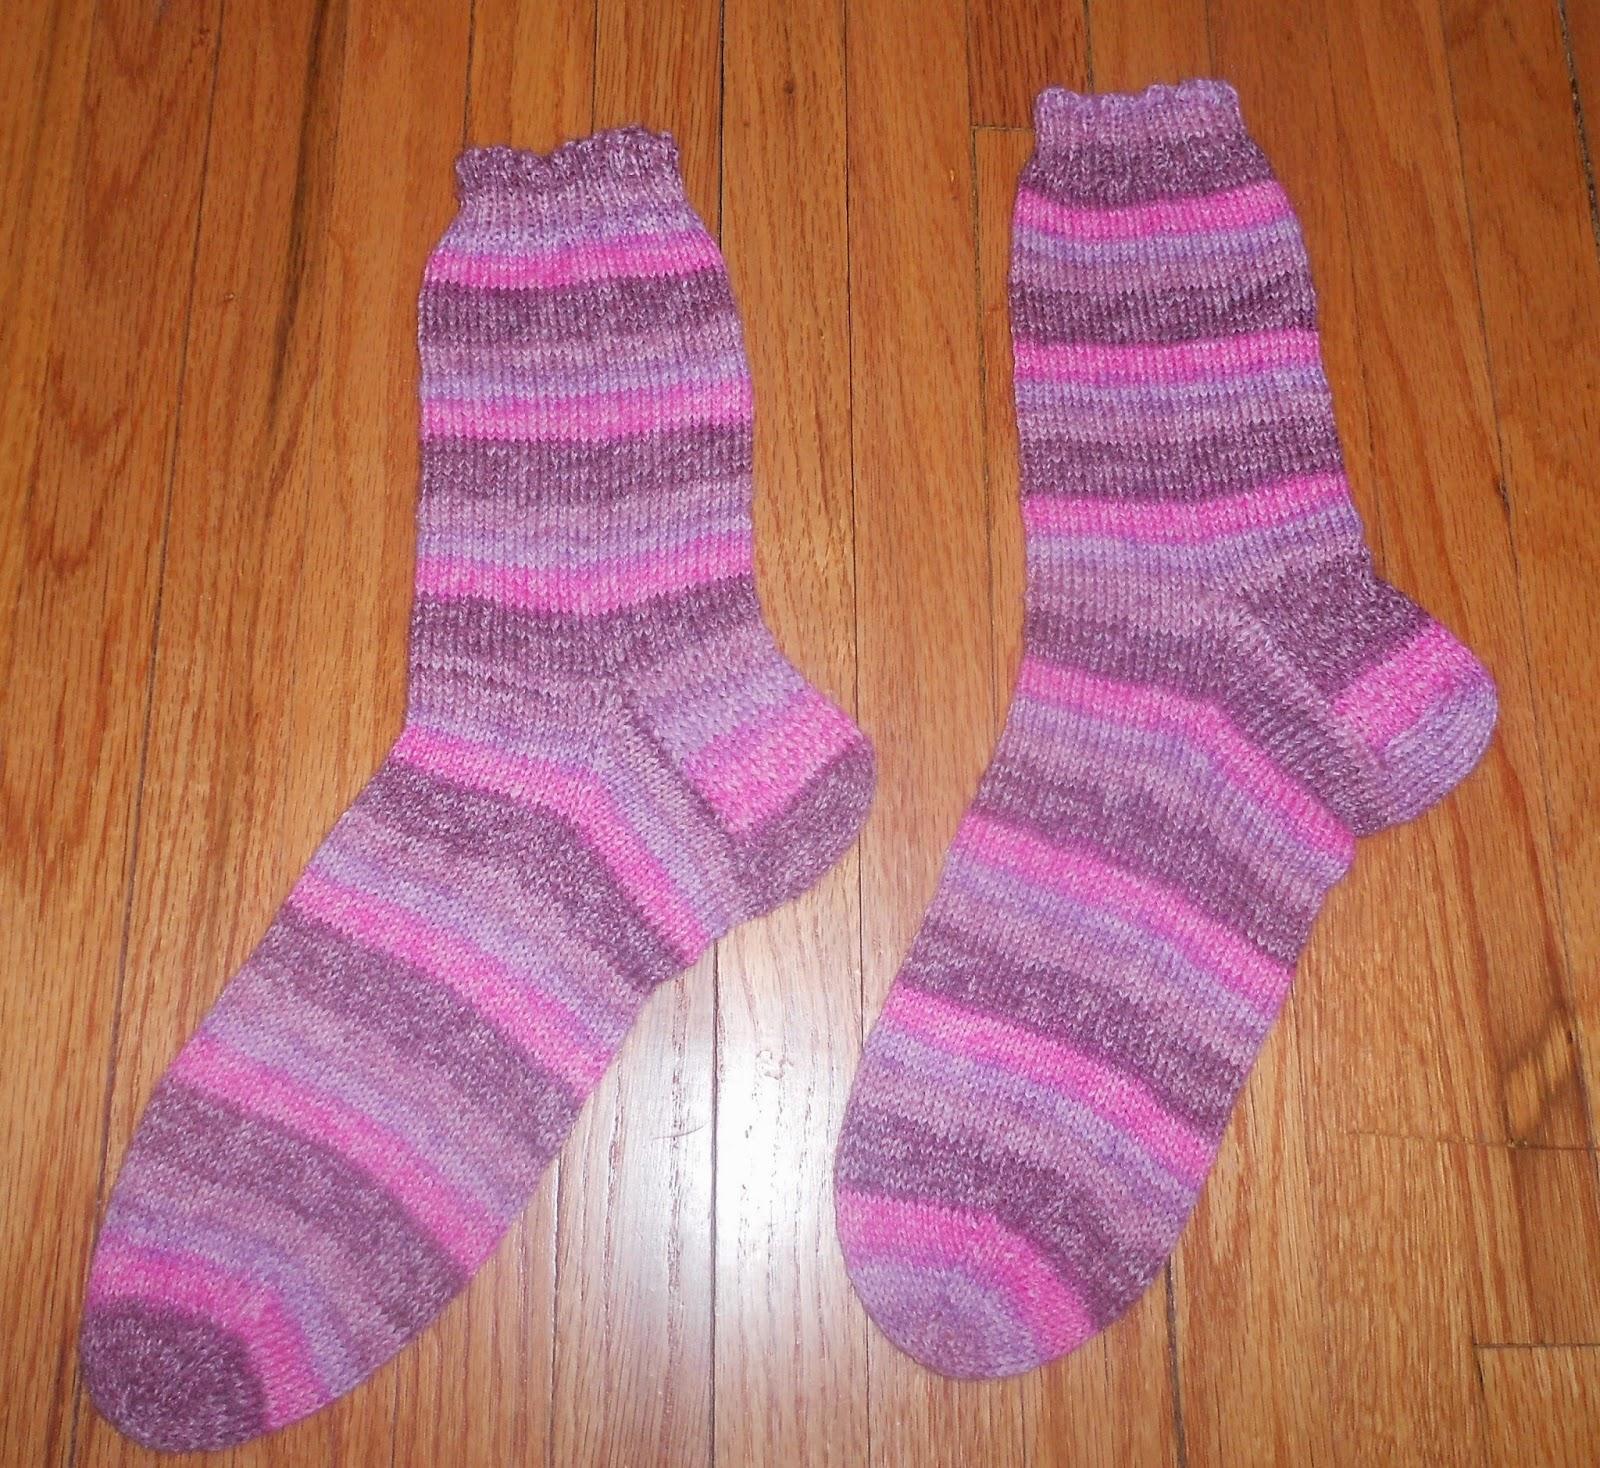 Knitting II: Socks